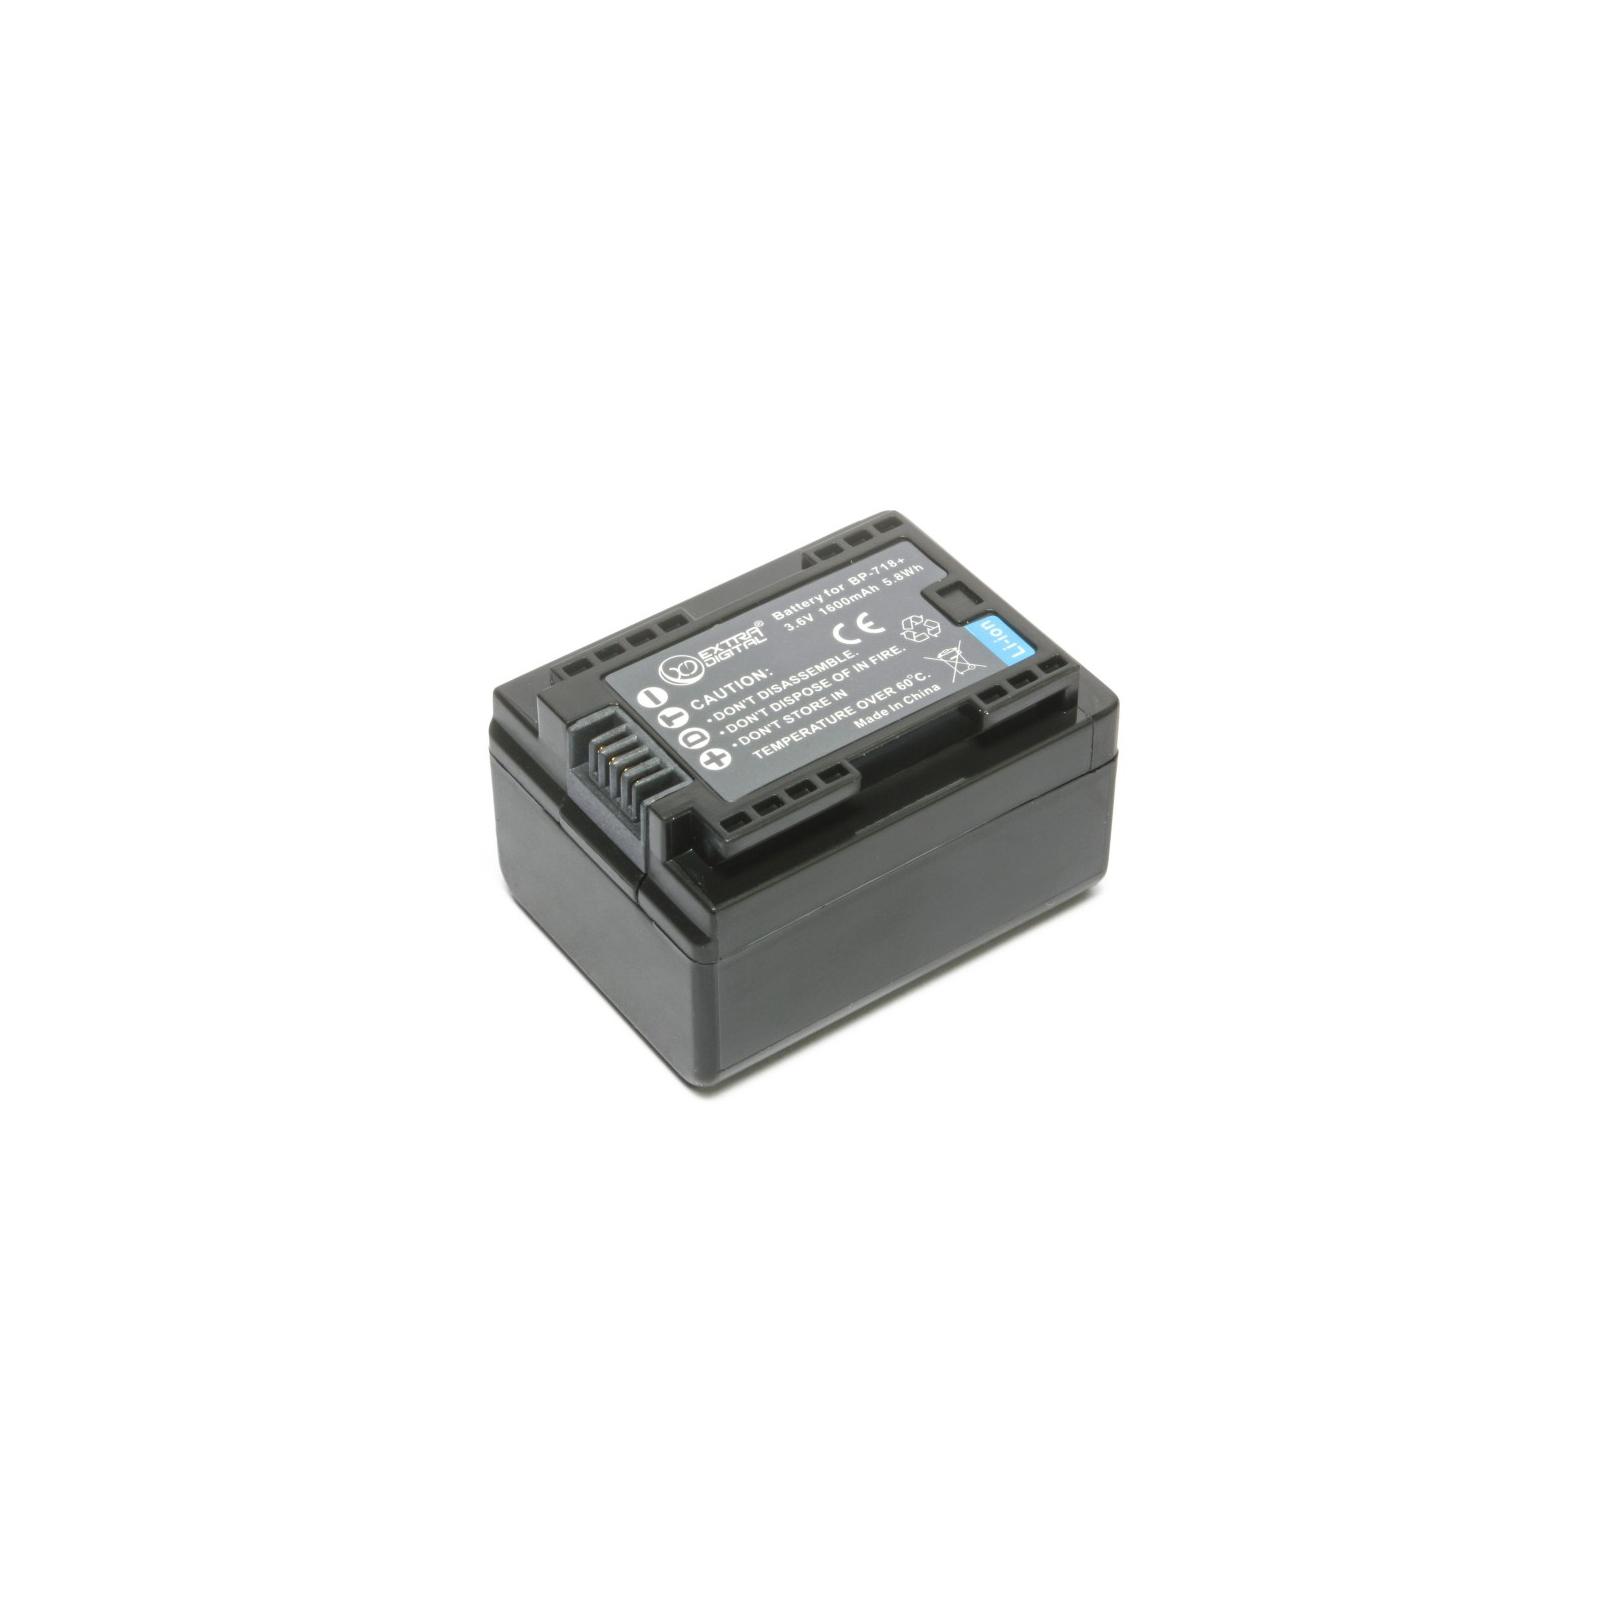 Аккумулятор к фото/видео EXTRADIGITAL Canon BP-718 (chip) (BDC1301) изображение 4